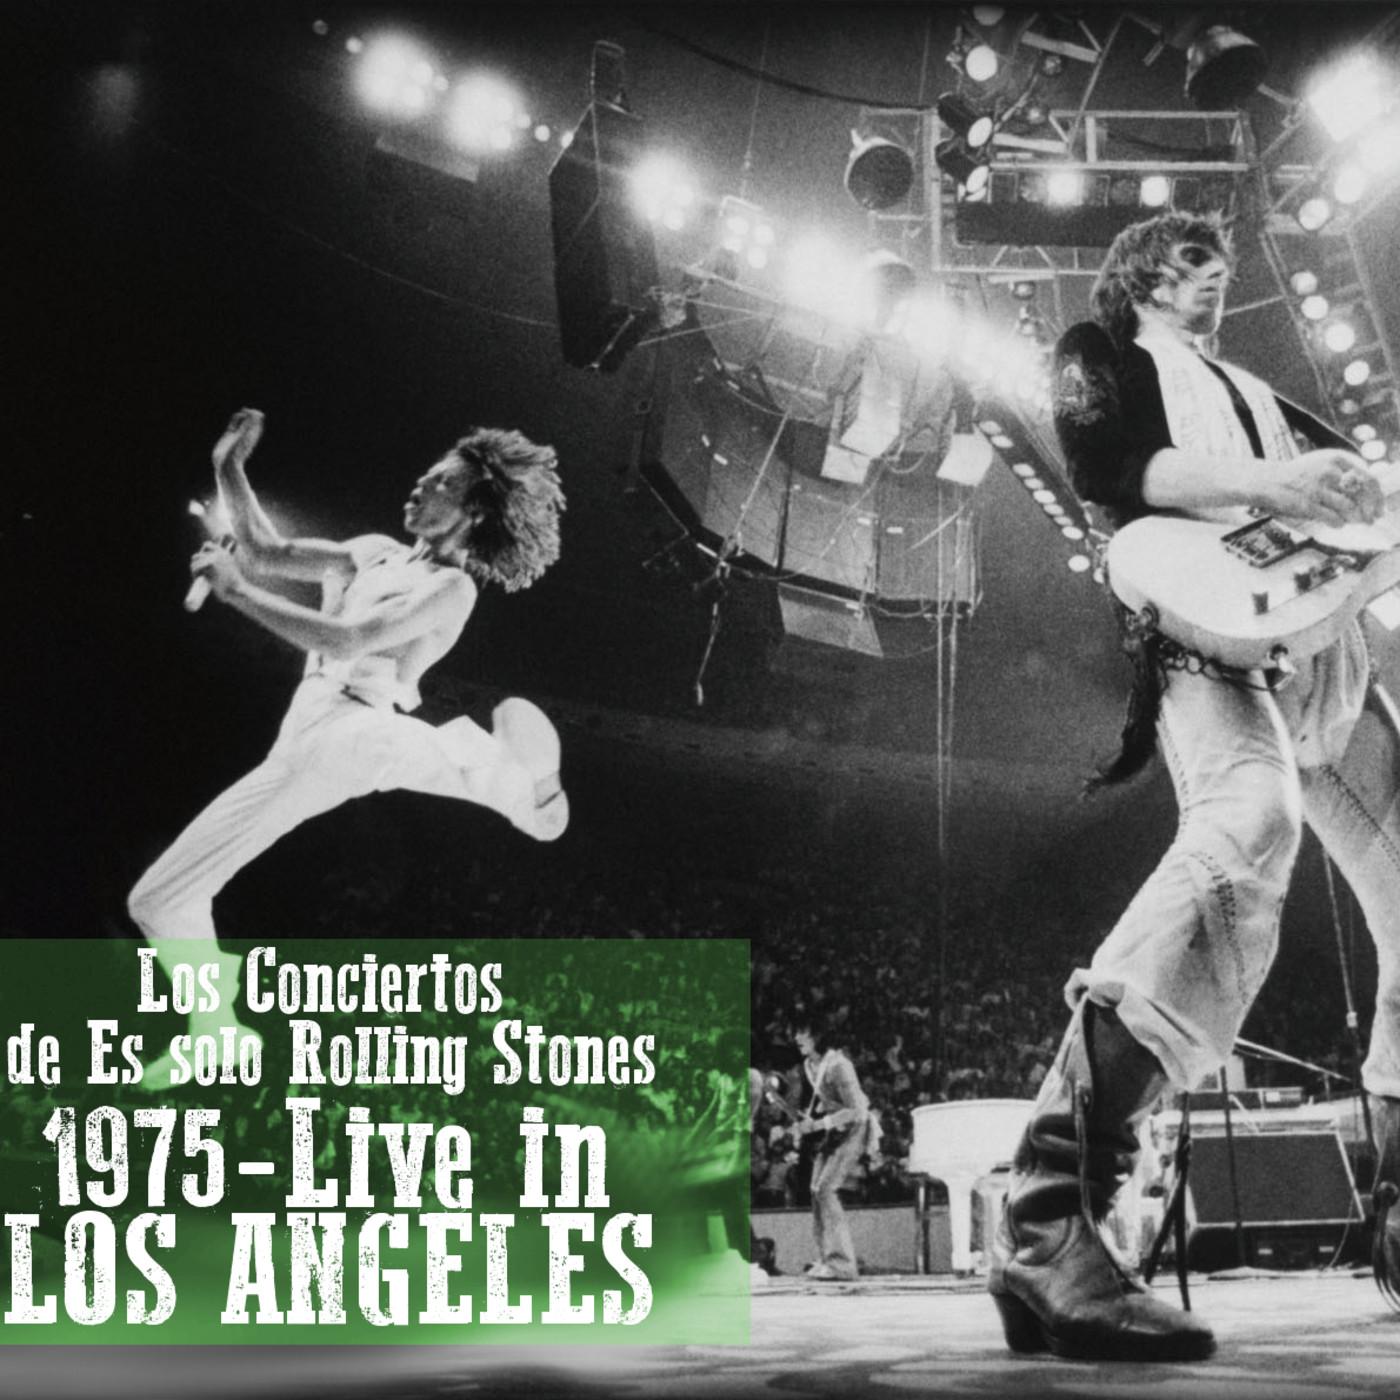 LA FORUM 1975 - Los conciertos de Es solo Rolling Stones